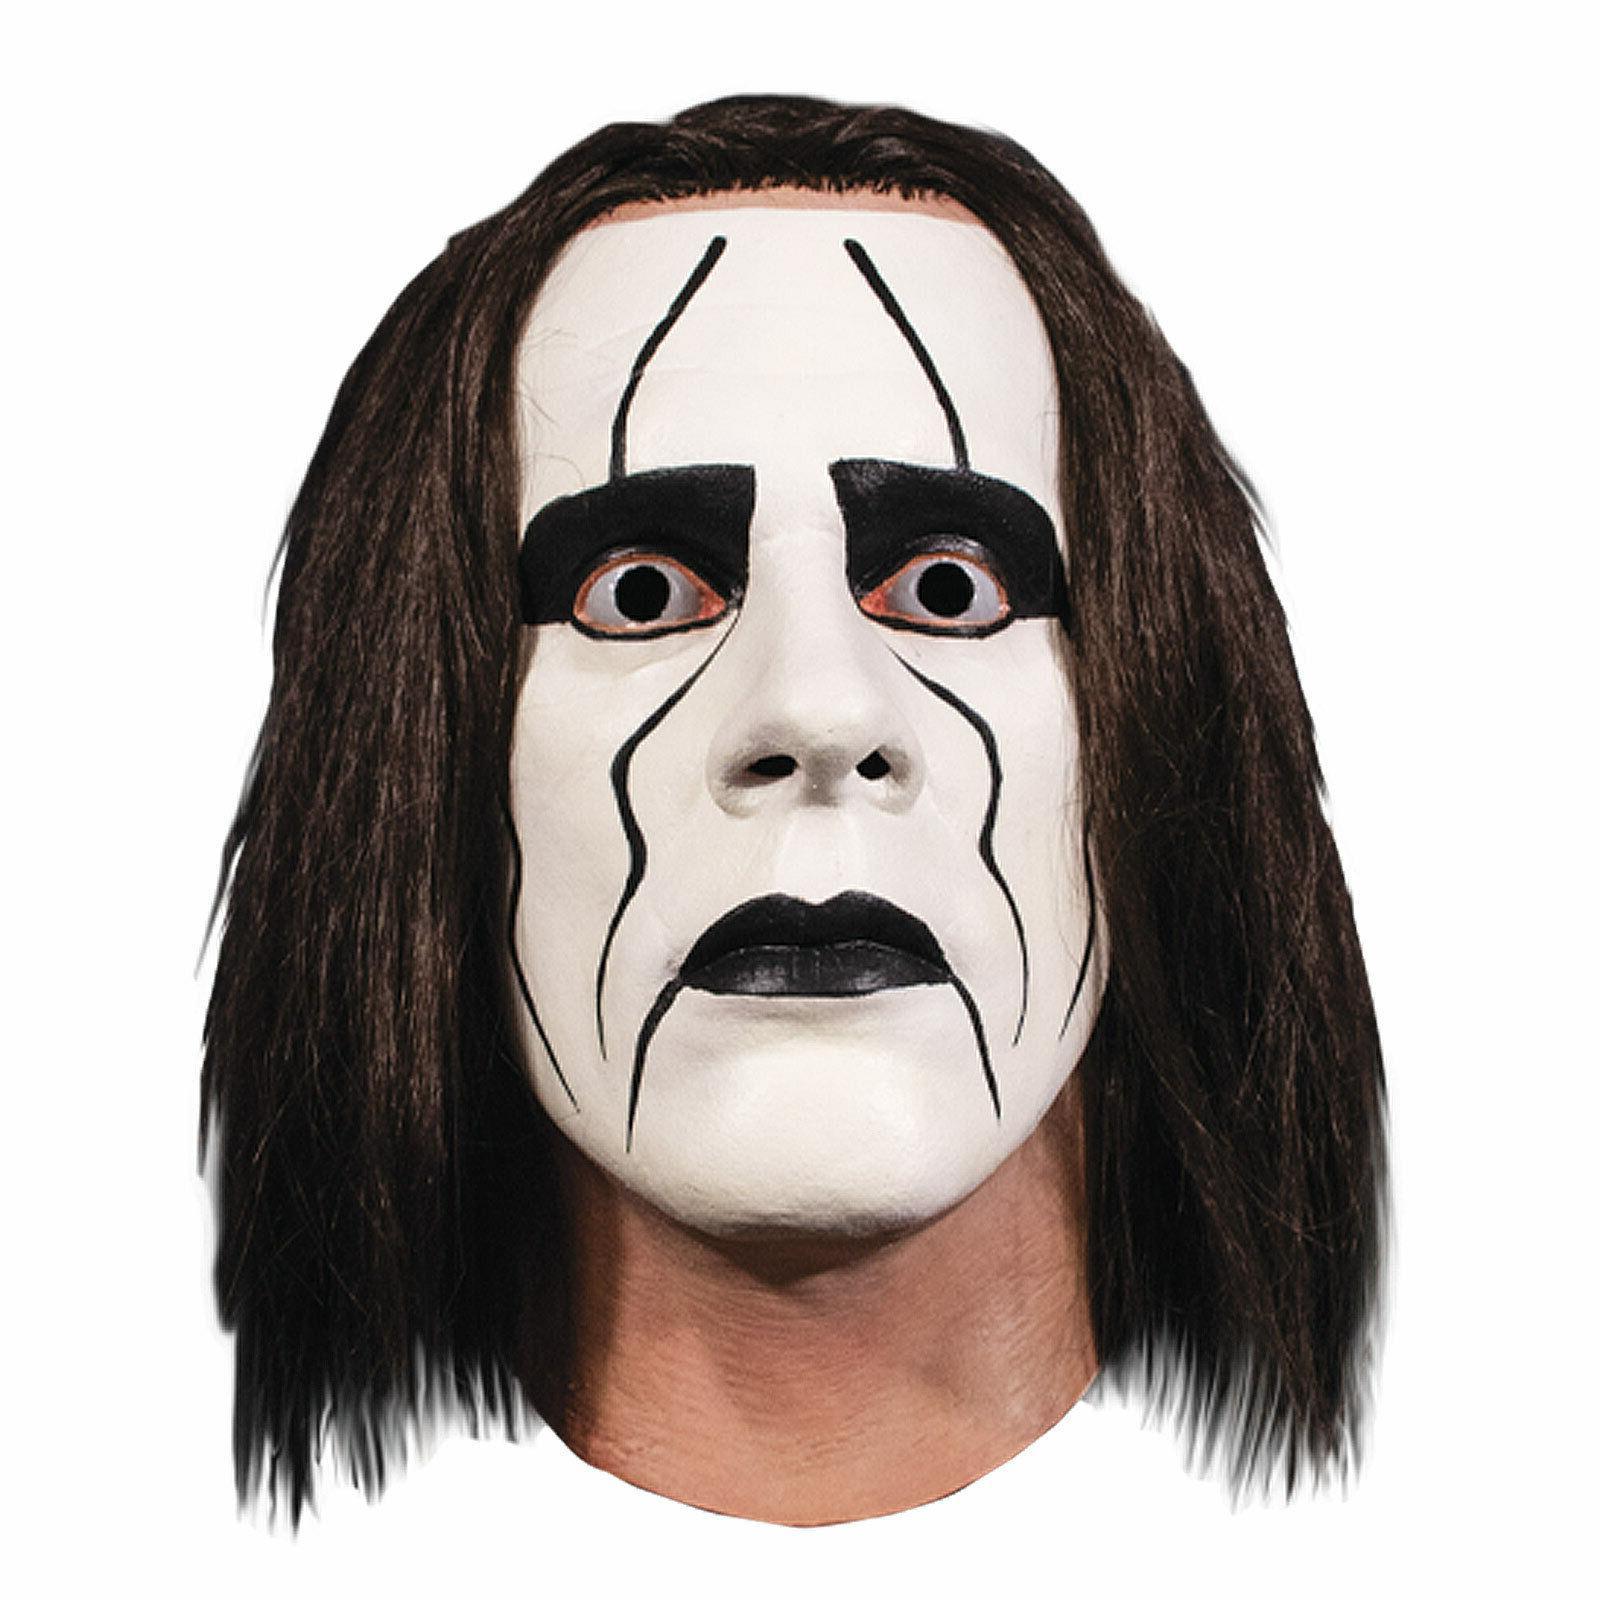 Adult Men's Sting Wrestler Full Mask